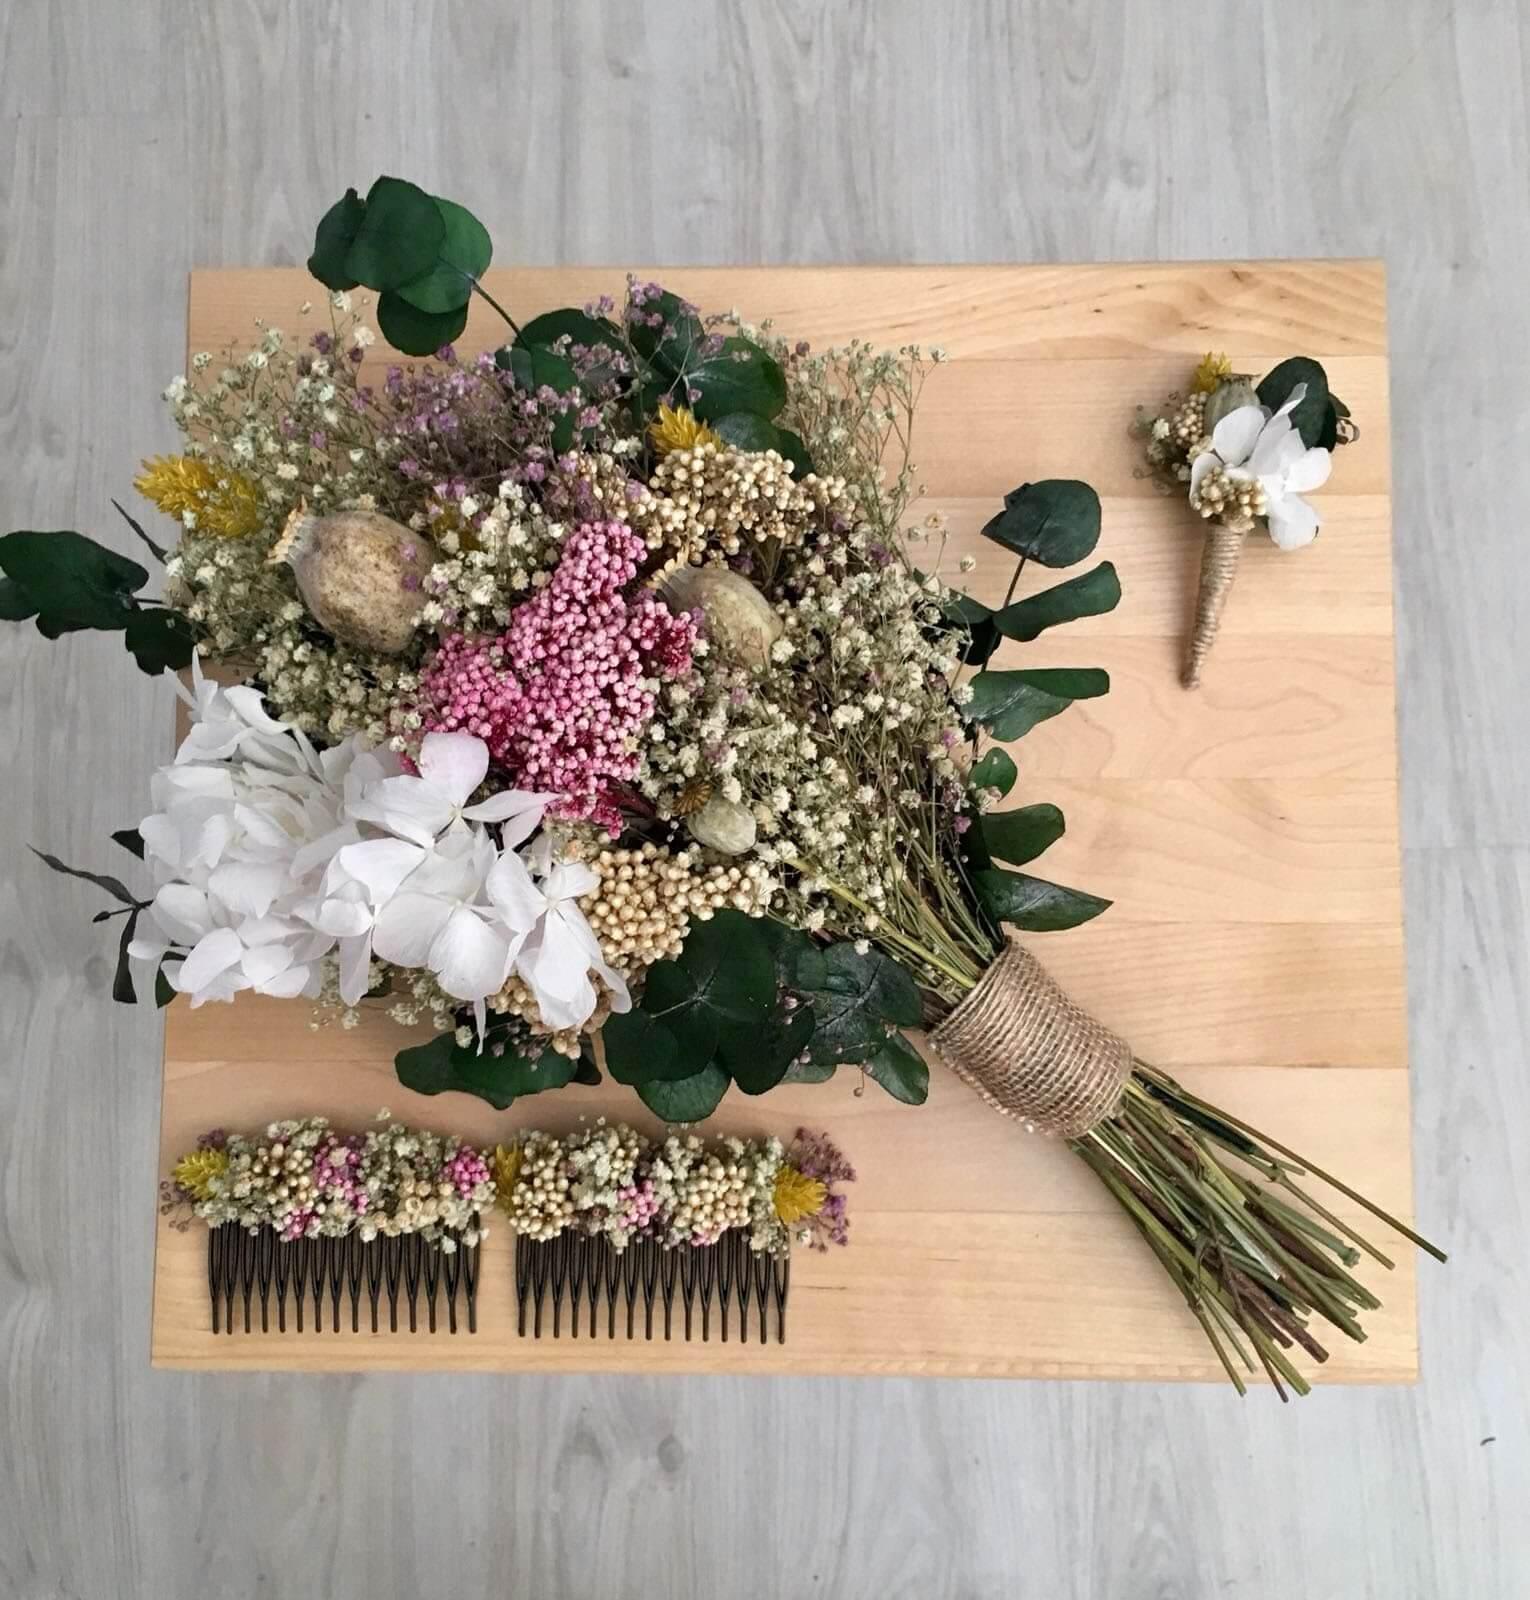 tocados-novia-y-eventos-artesanales-1